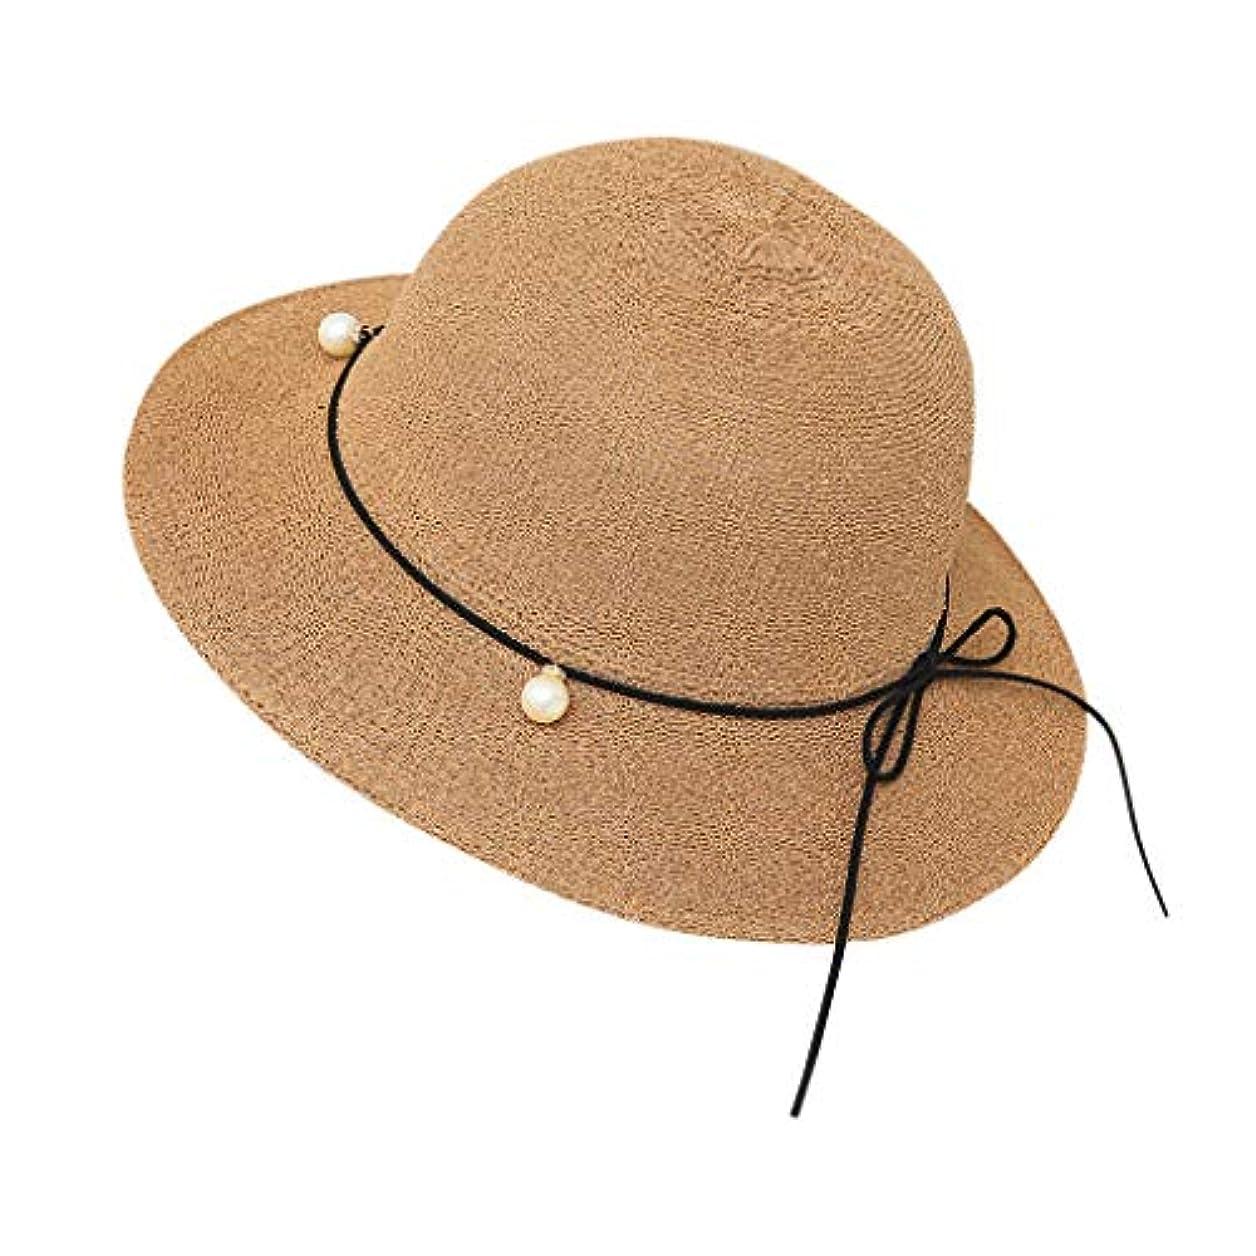 なめらかな団結ページェント帽子 レディース 夏 女性 UVカット 帽子 ハット 漁師帽 つば広 吸汗通気 紫外線対策 大きいサイズ 日焼け防止 サイズ調節 ベレー帽 帽子 レディース ビーチ 海辺 森ガール 女優帽 日よけ ROSE ROMAN